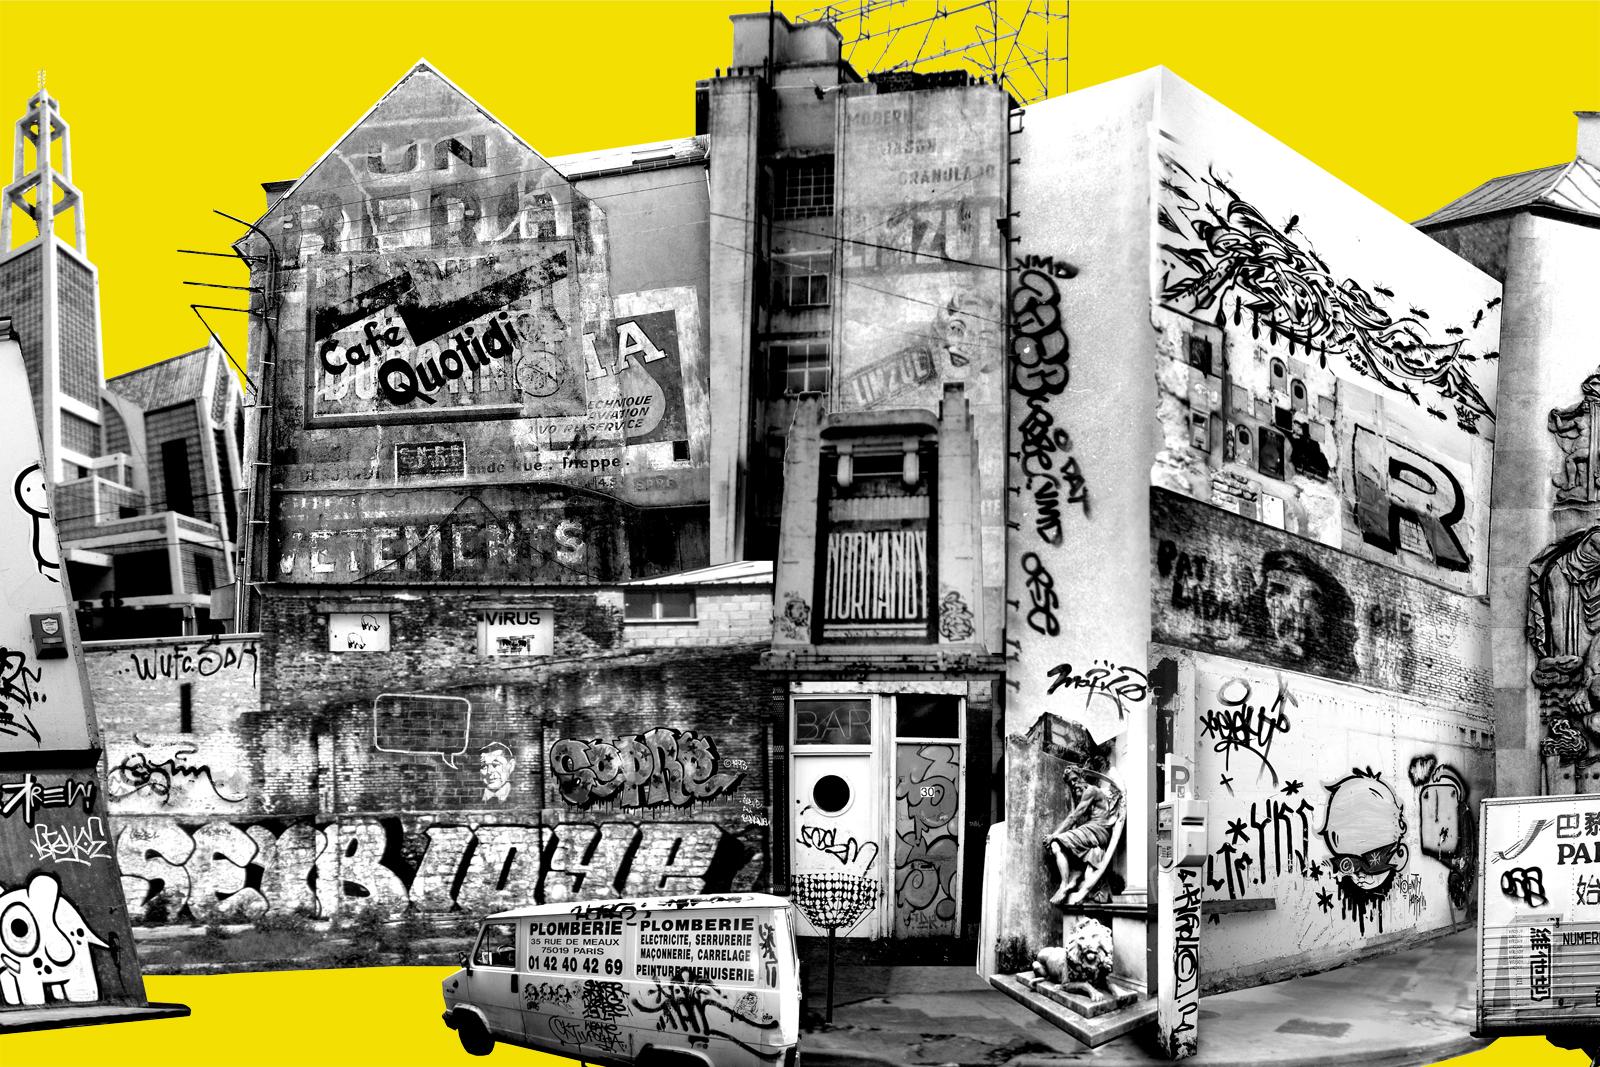 Détail de la rue #5